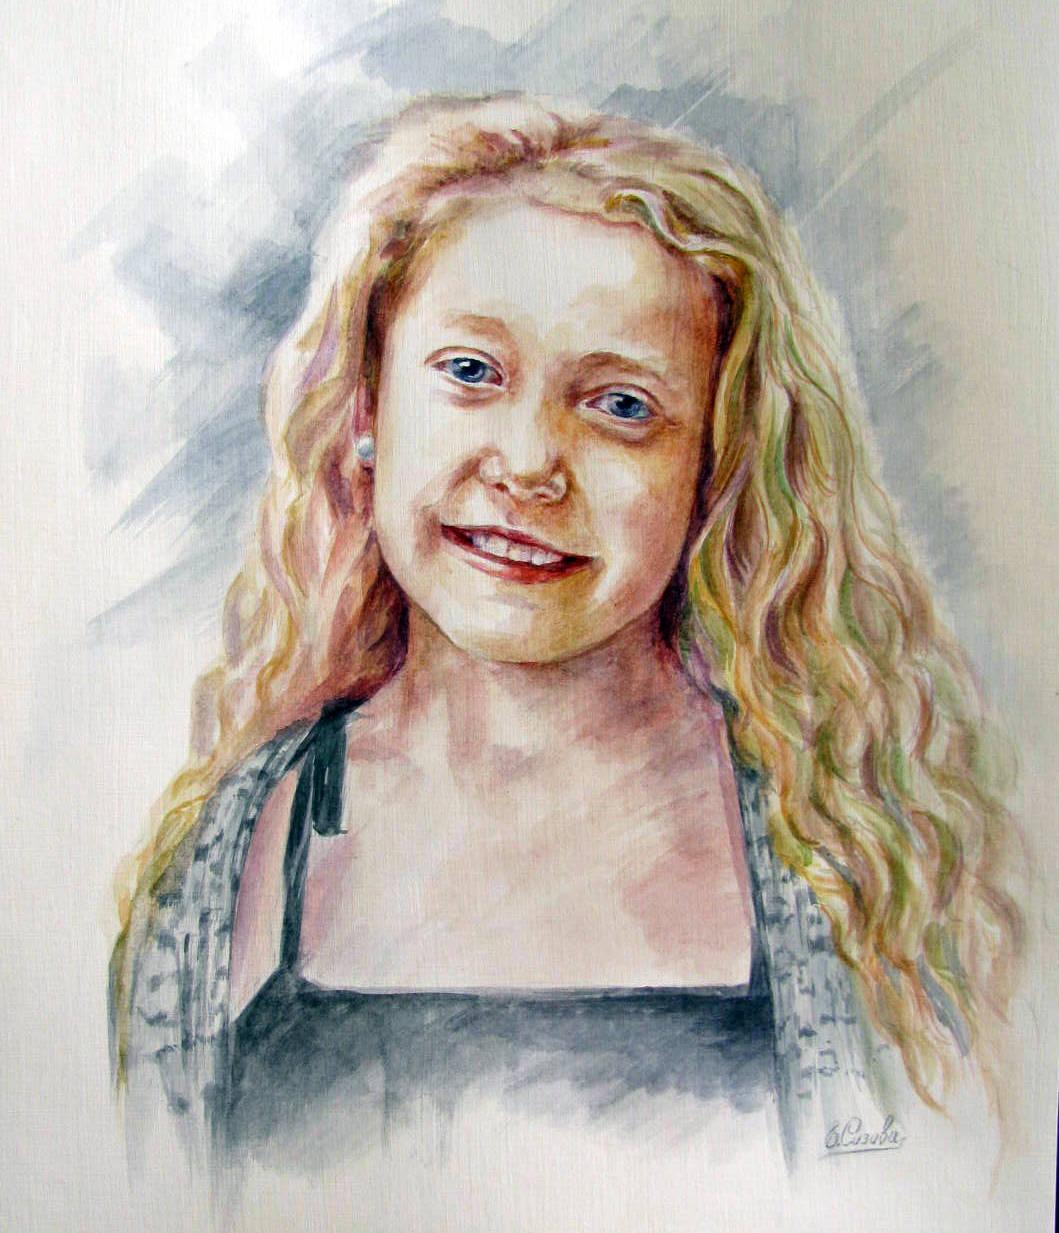 Портрет по фото акварелью